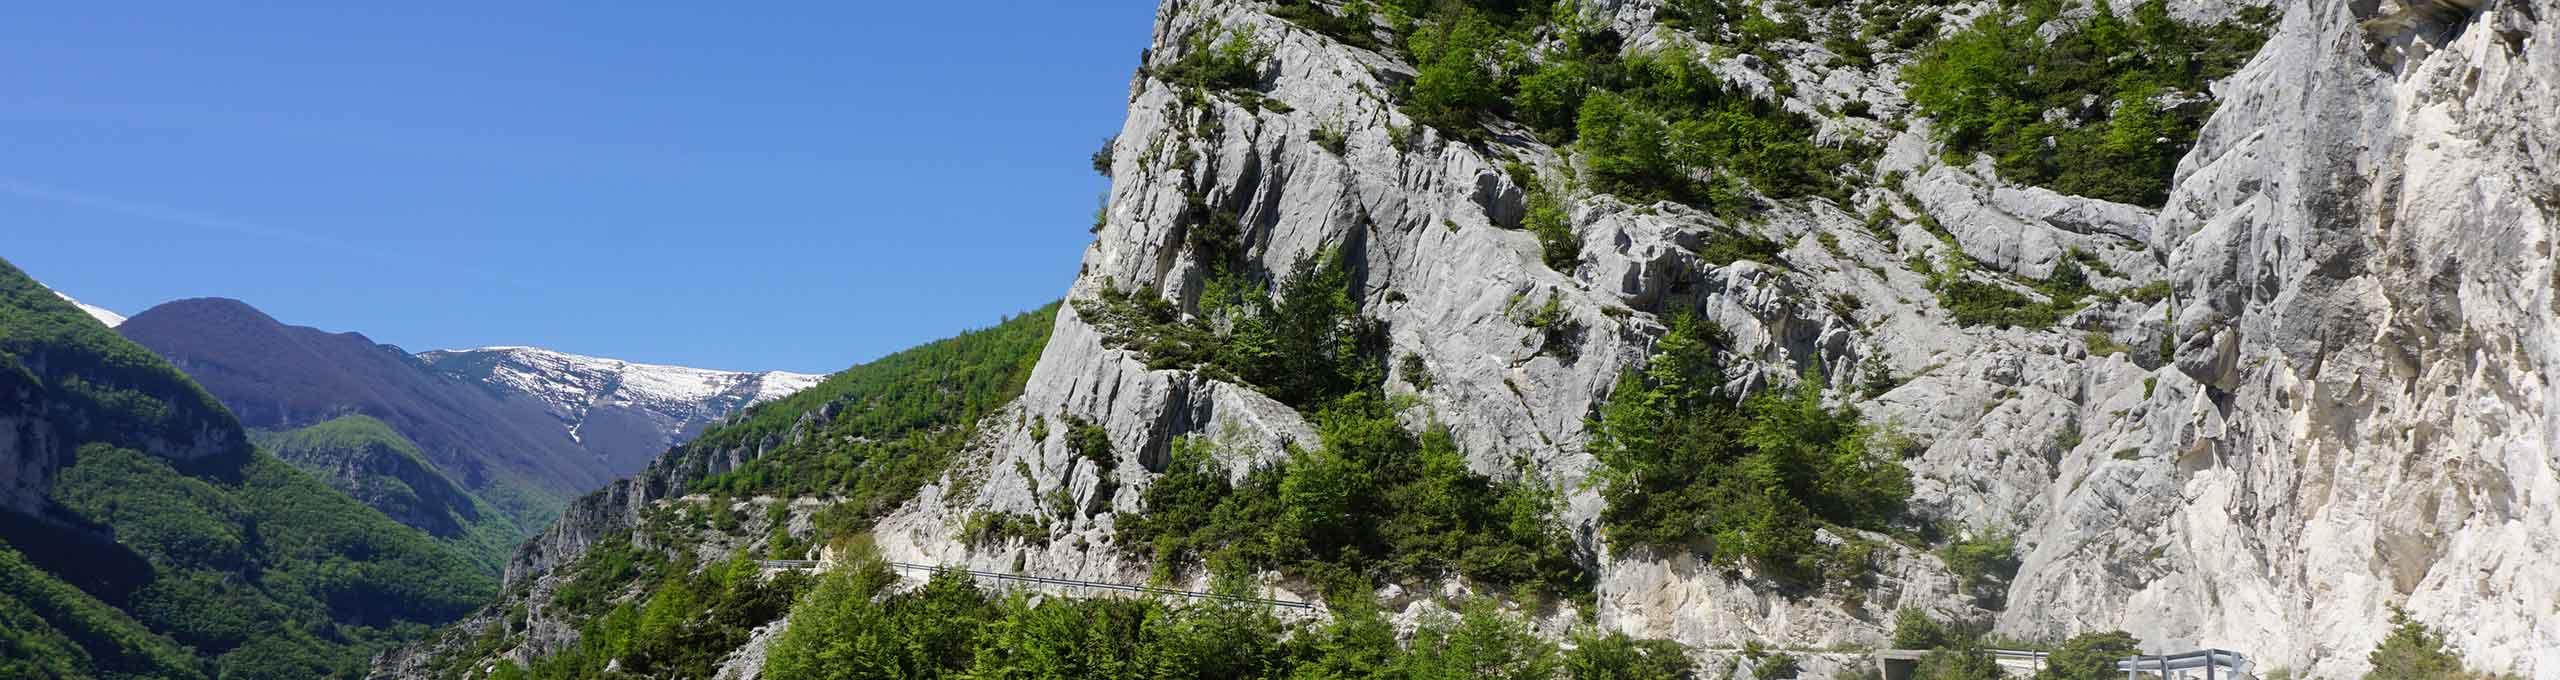 Guardiagrele, Parco Nazionale della Majella, Bocca di Valle